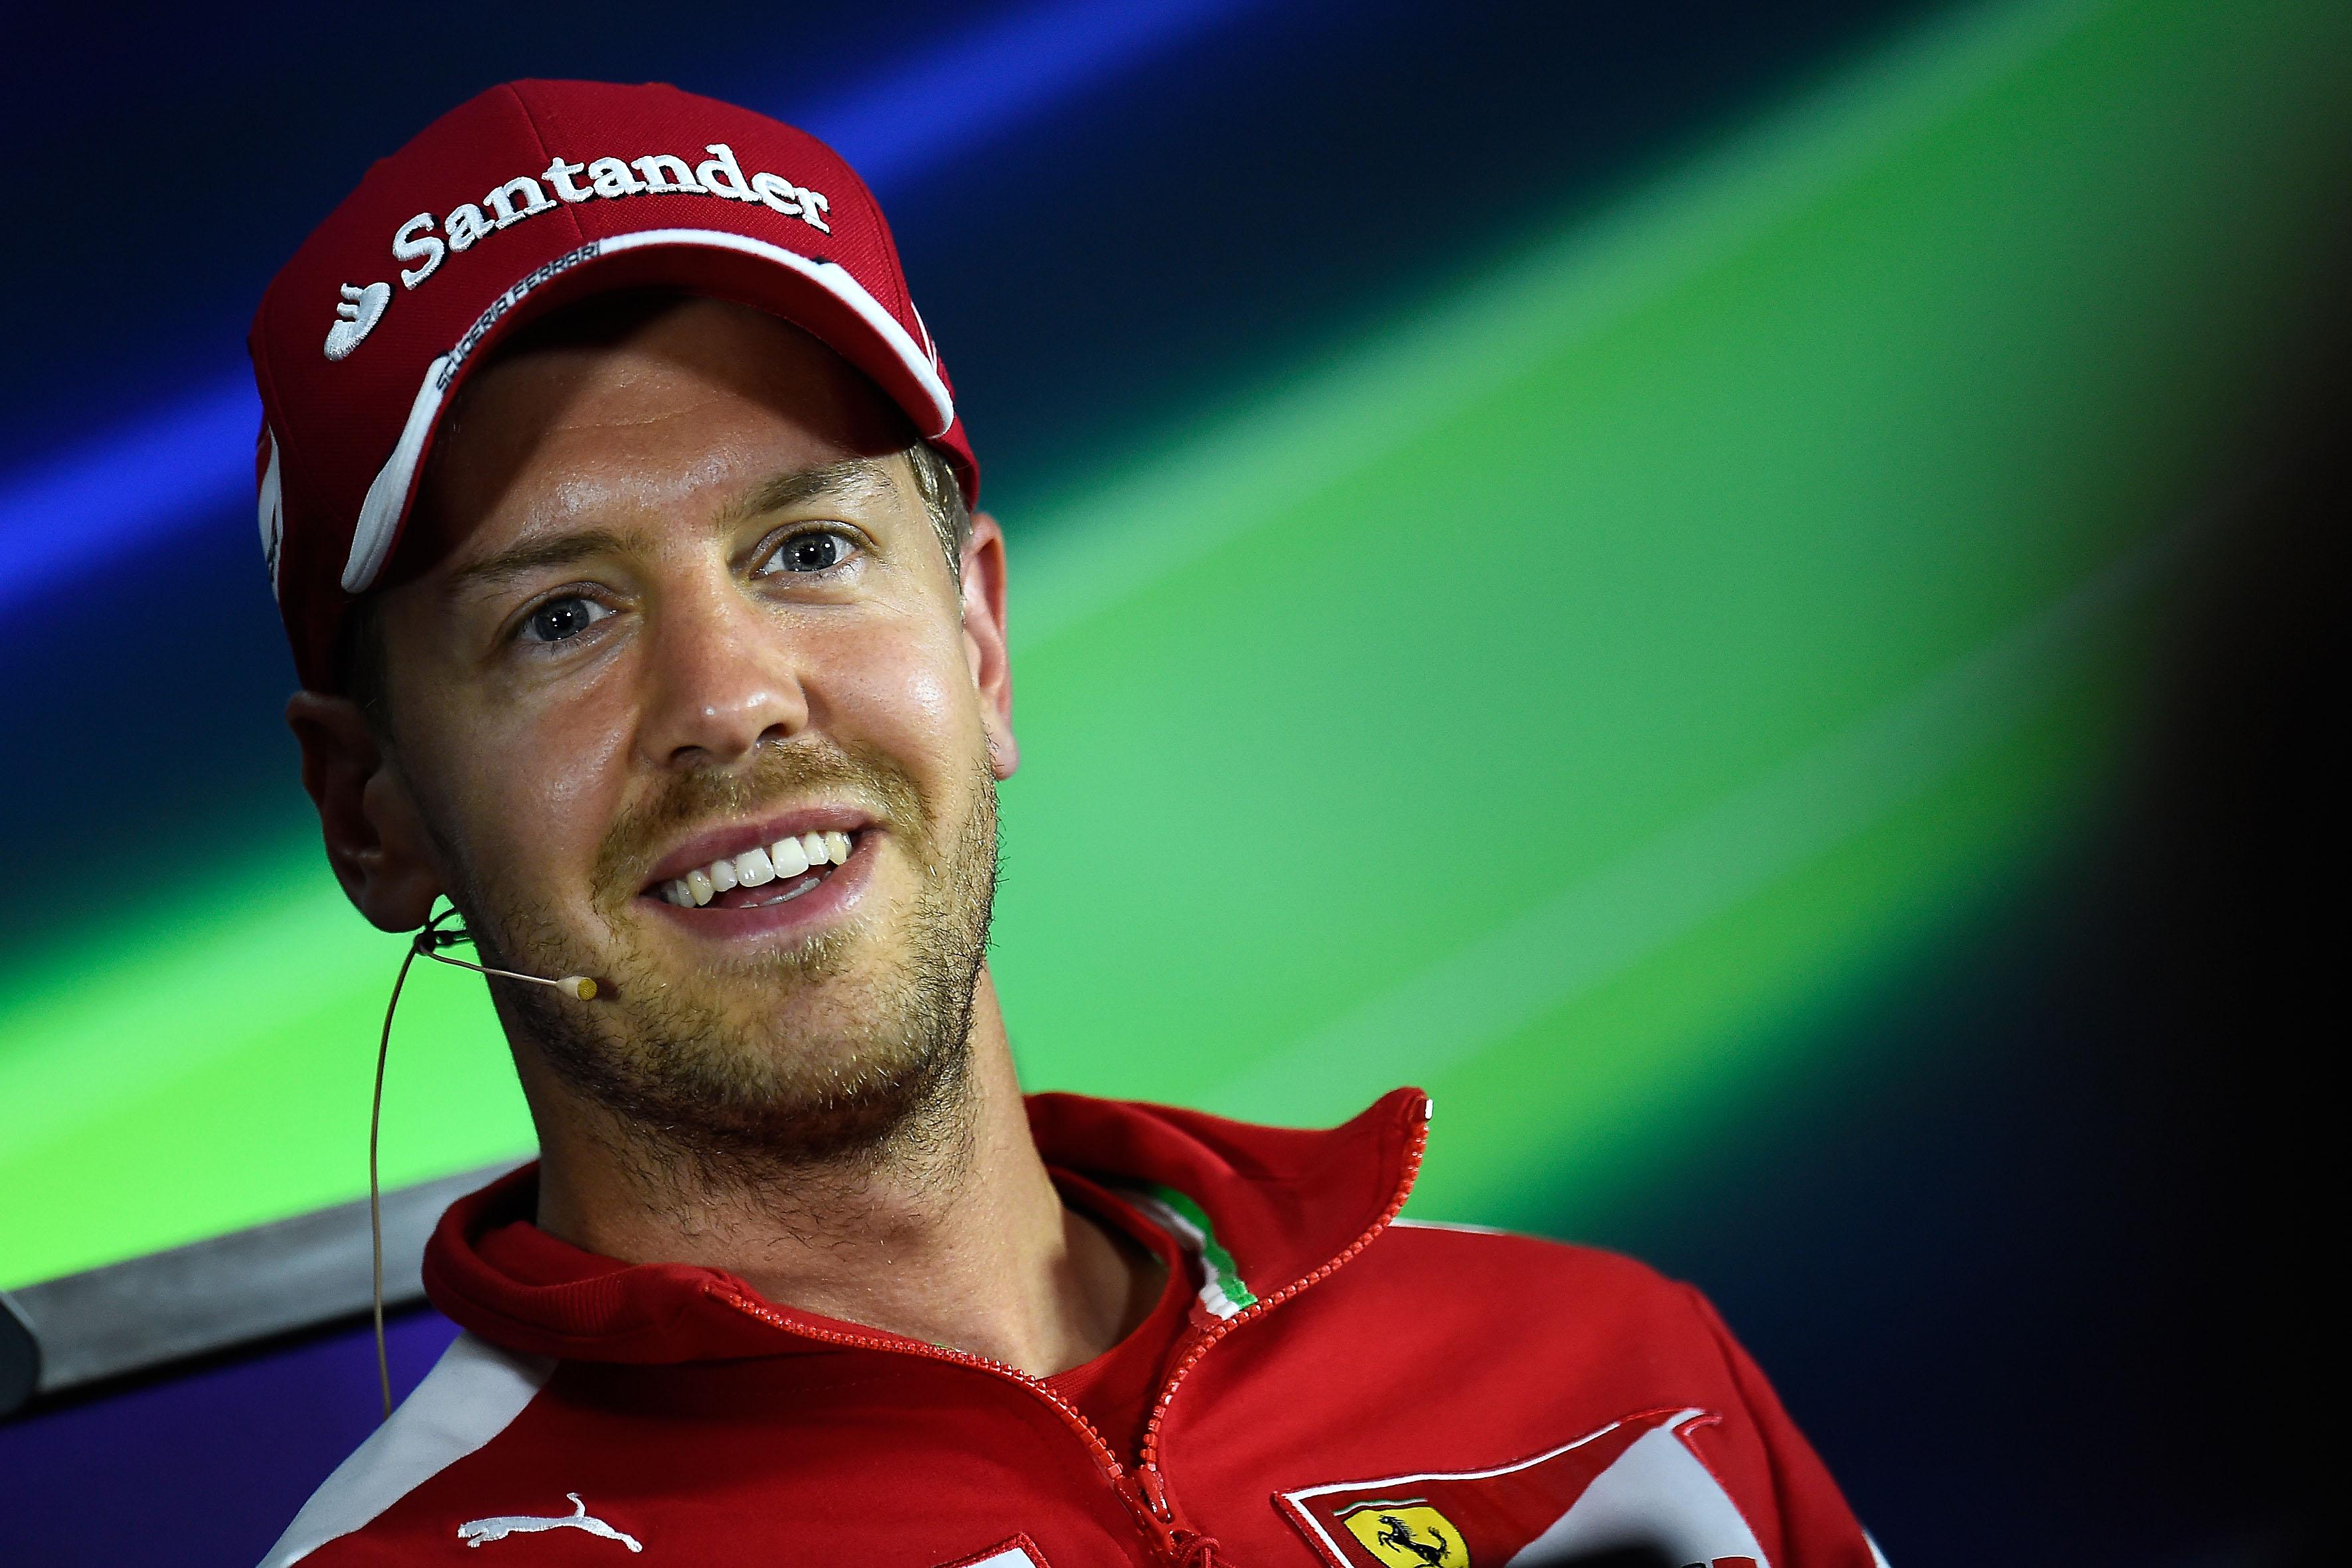 Austria: Seb e Kimi alla vigilia del GP